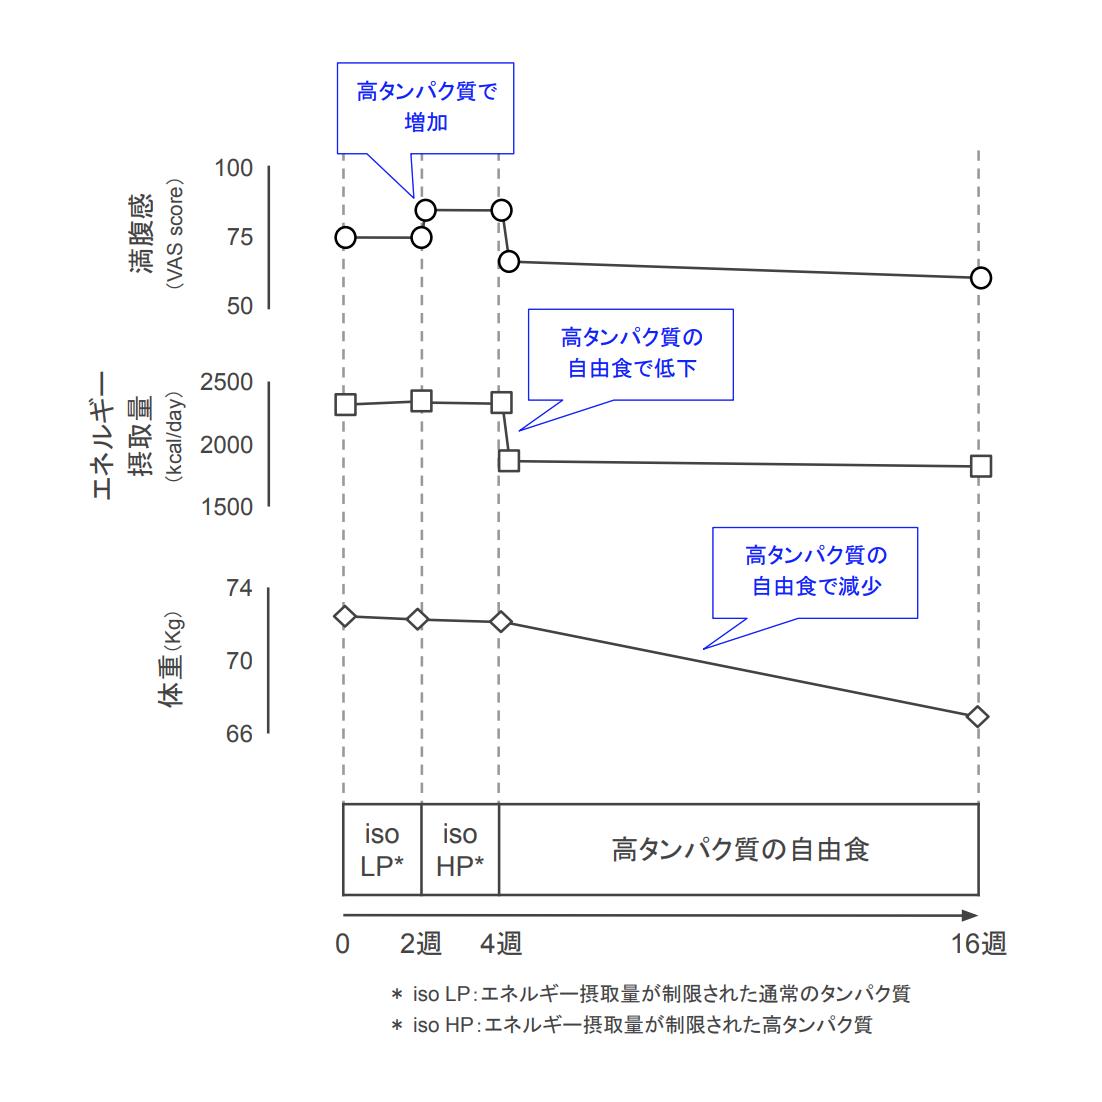 f:id:takumasa39:20210217110445p:plain